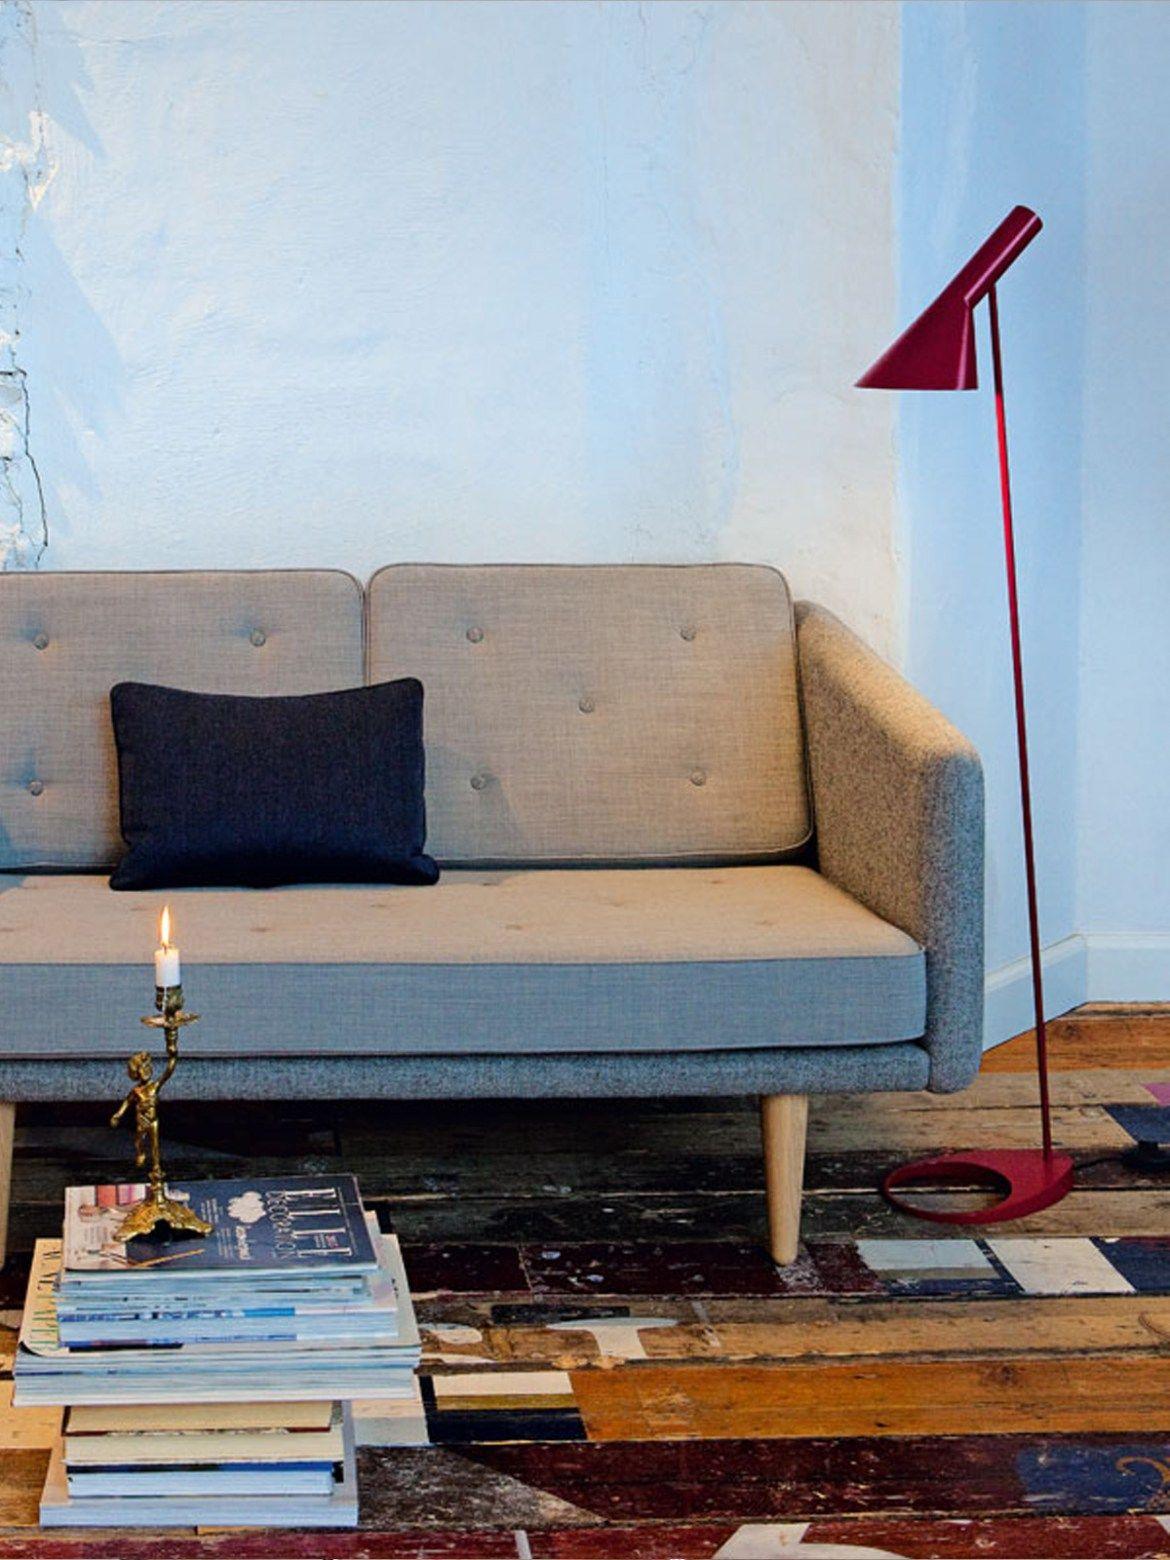 Aj stehleuchte in rot einrichten mit skandinavischem design aj stehleuchte in rot parisarafo Gallery